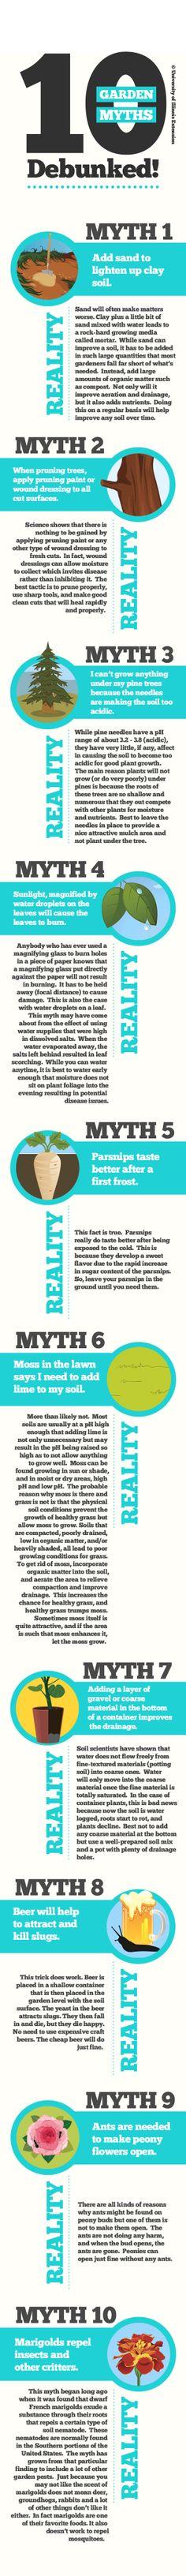 10 Garden Myths Debunked!